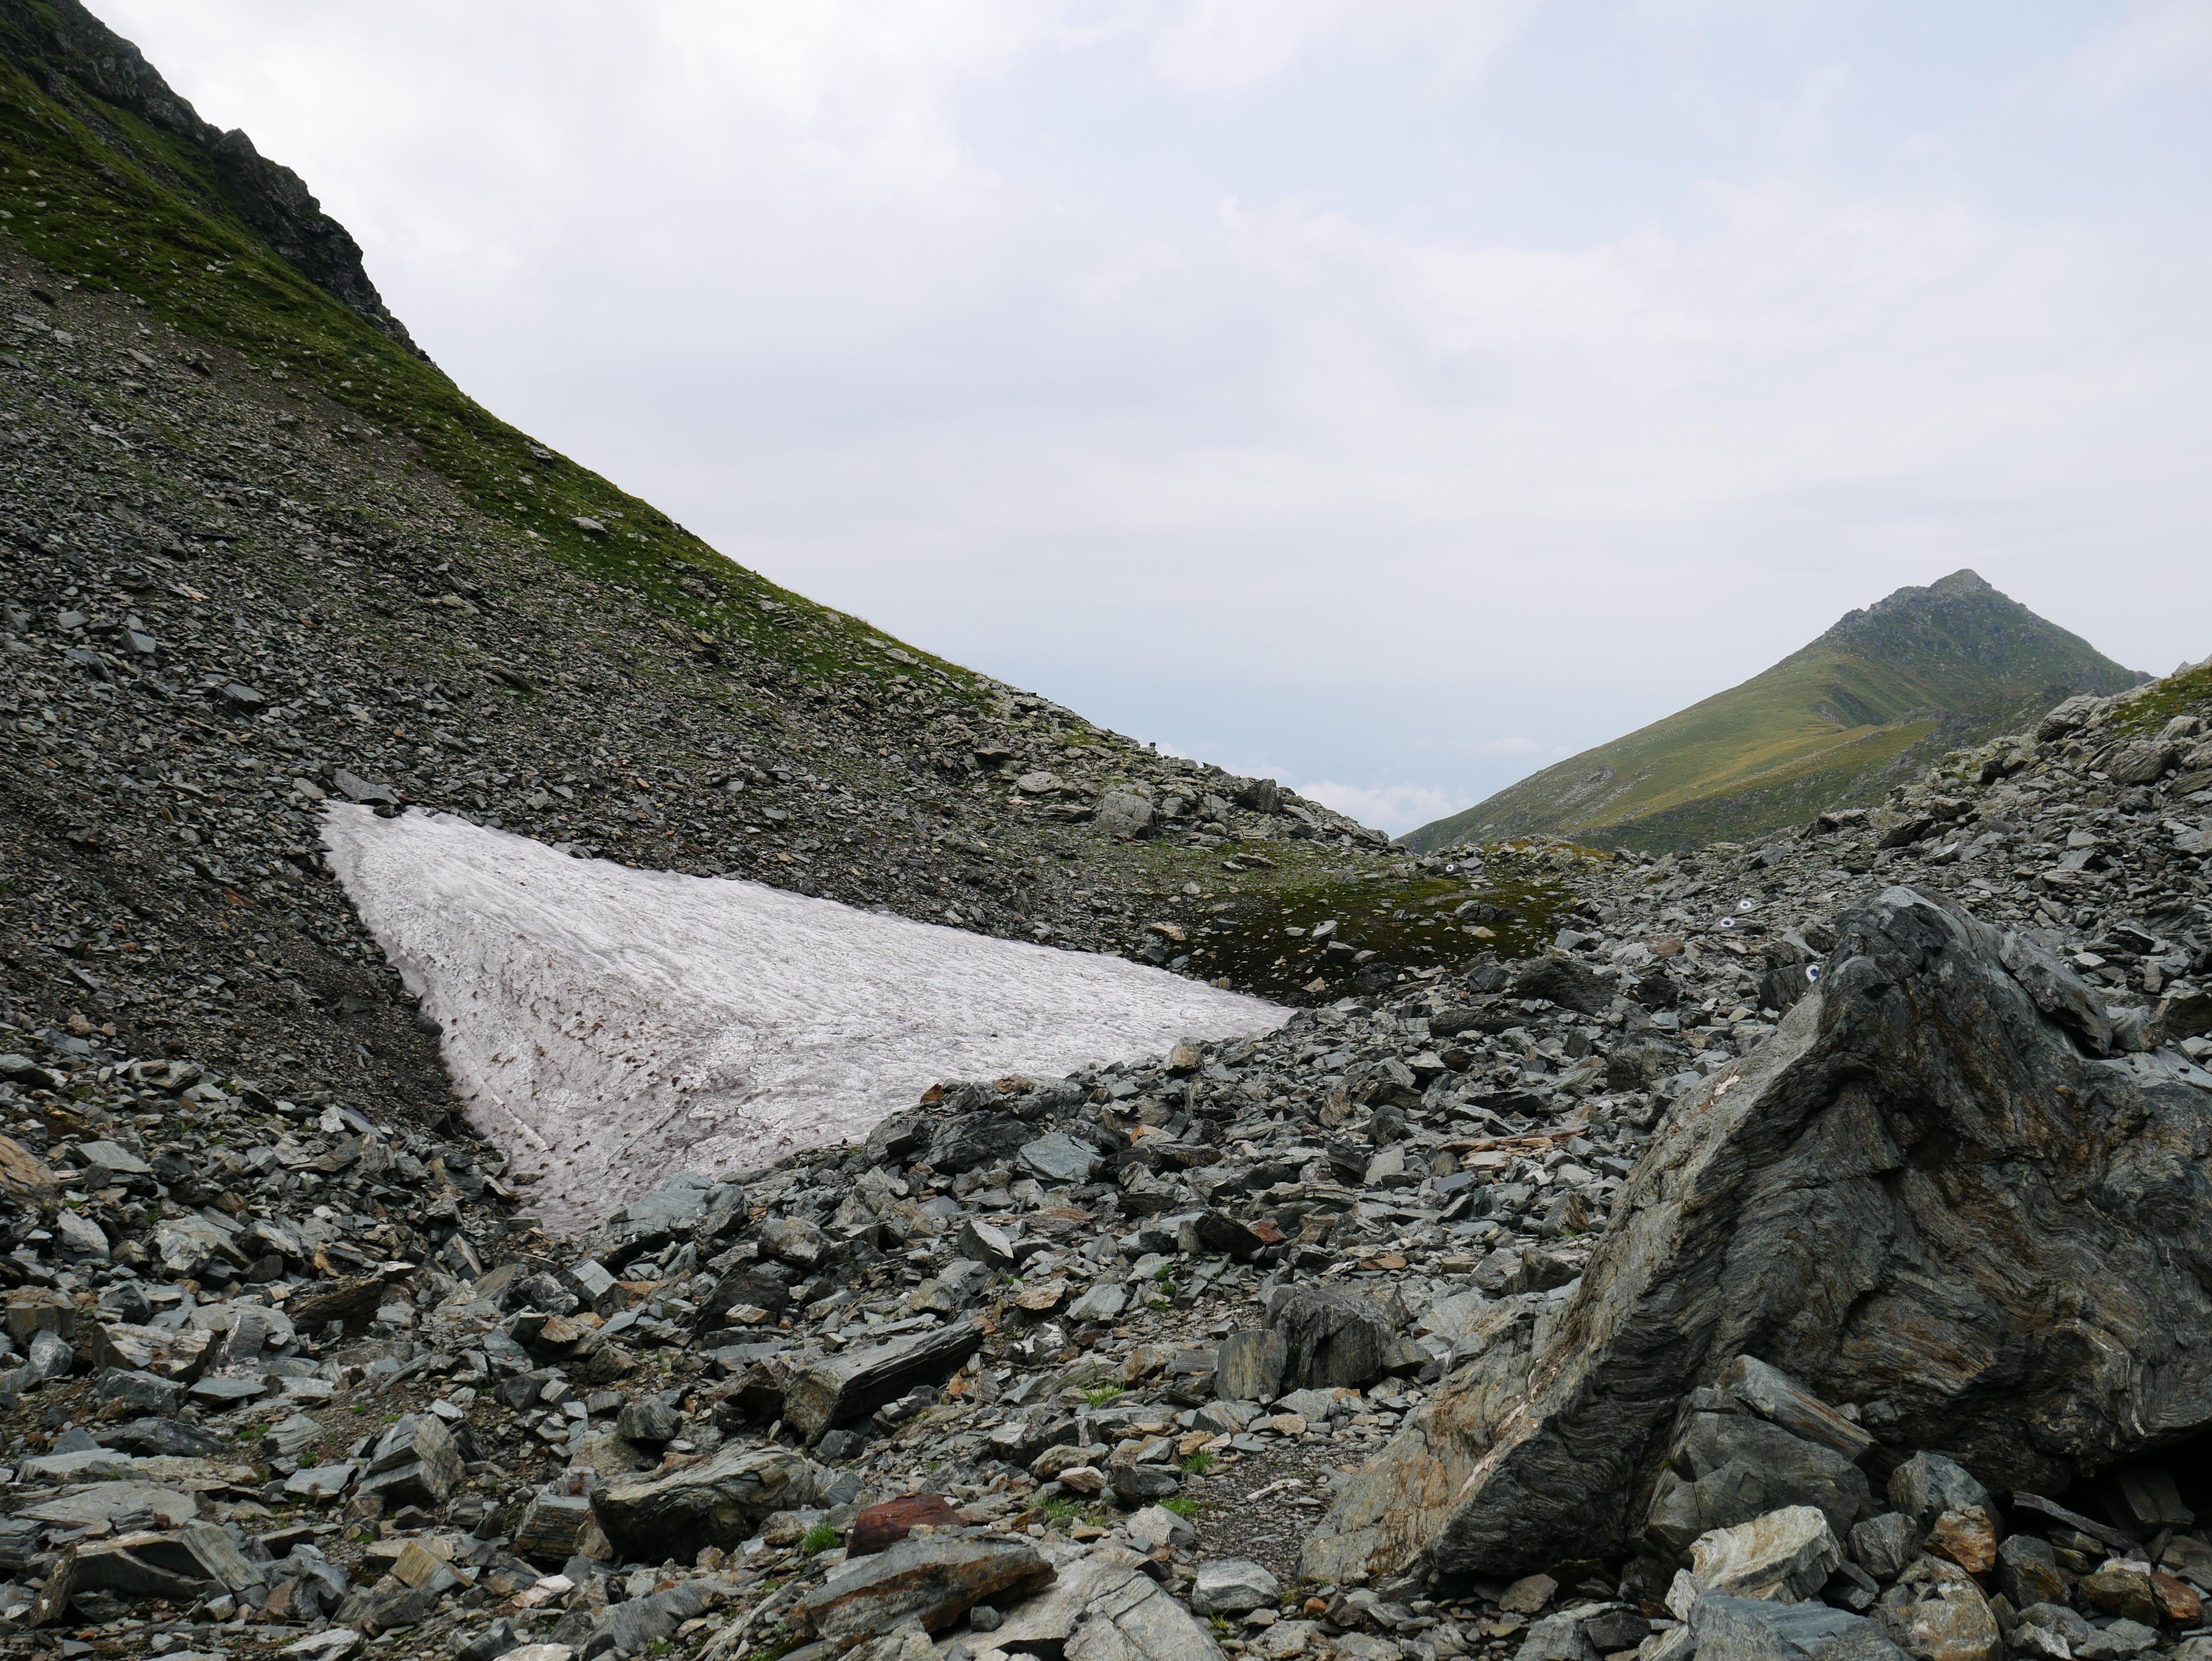 Roumanie - Lac Balea randonnée